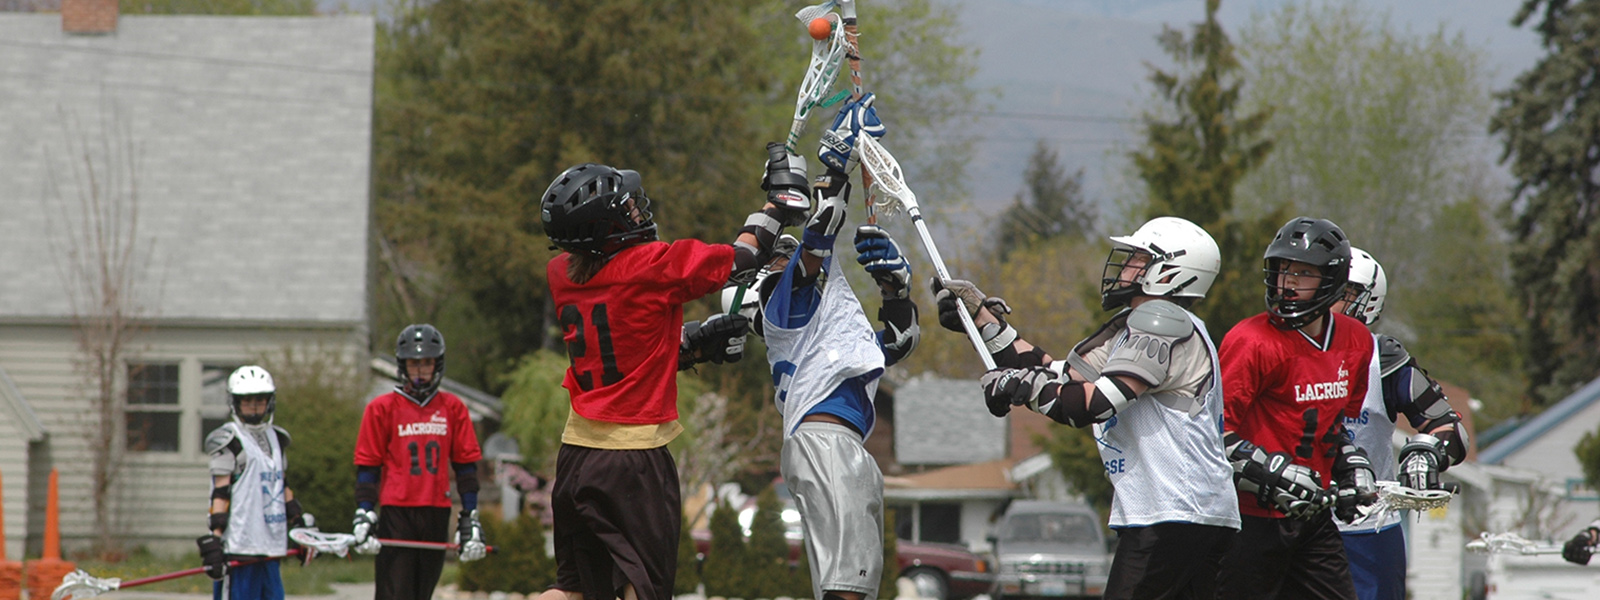 Homepage-Slide-Lacrosse3